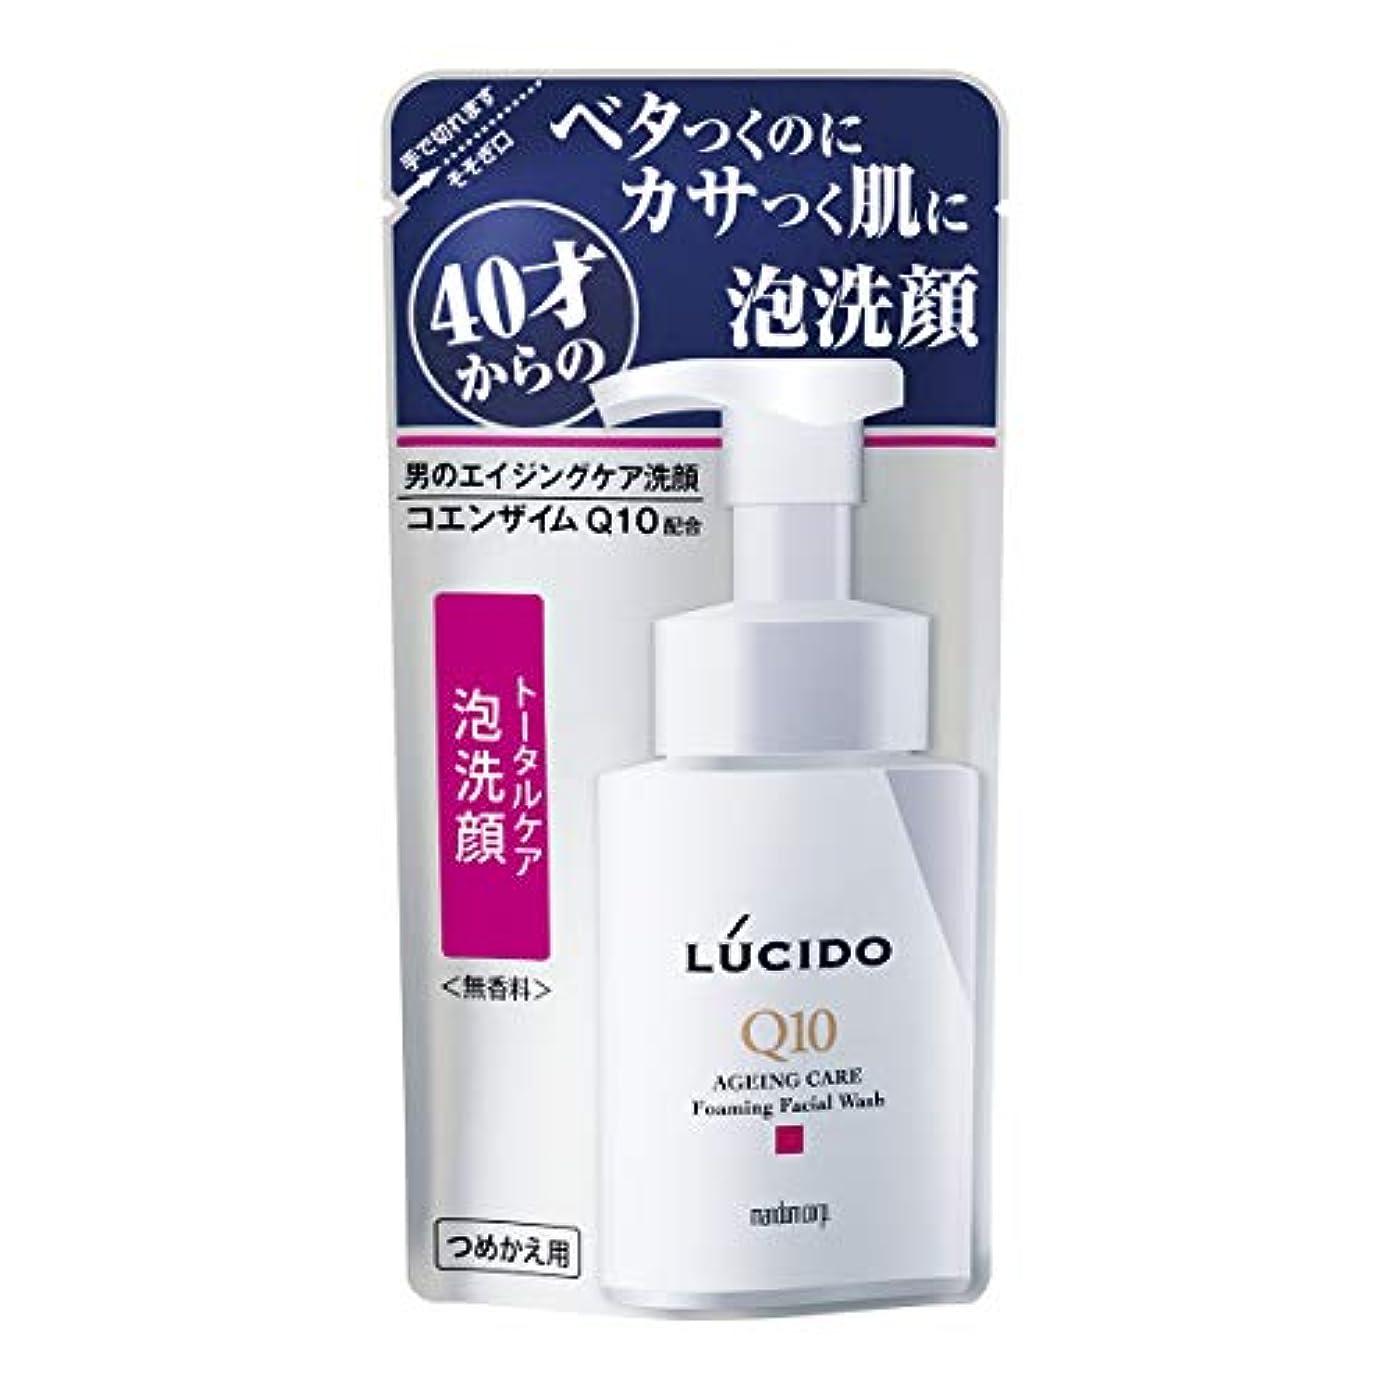 悔い改めレビューキャンドルLUCIDO(ルシード) トータルケア泡洗顔 つめかえ用 Q10 130mL